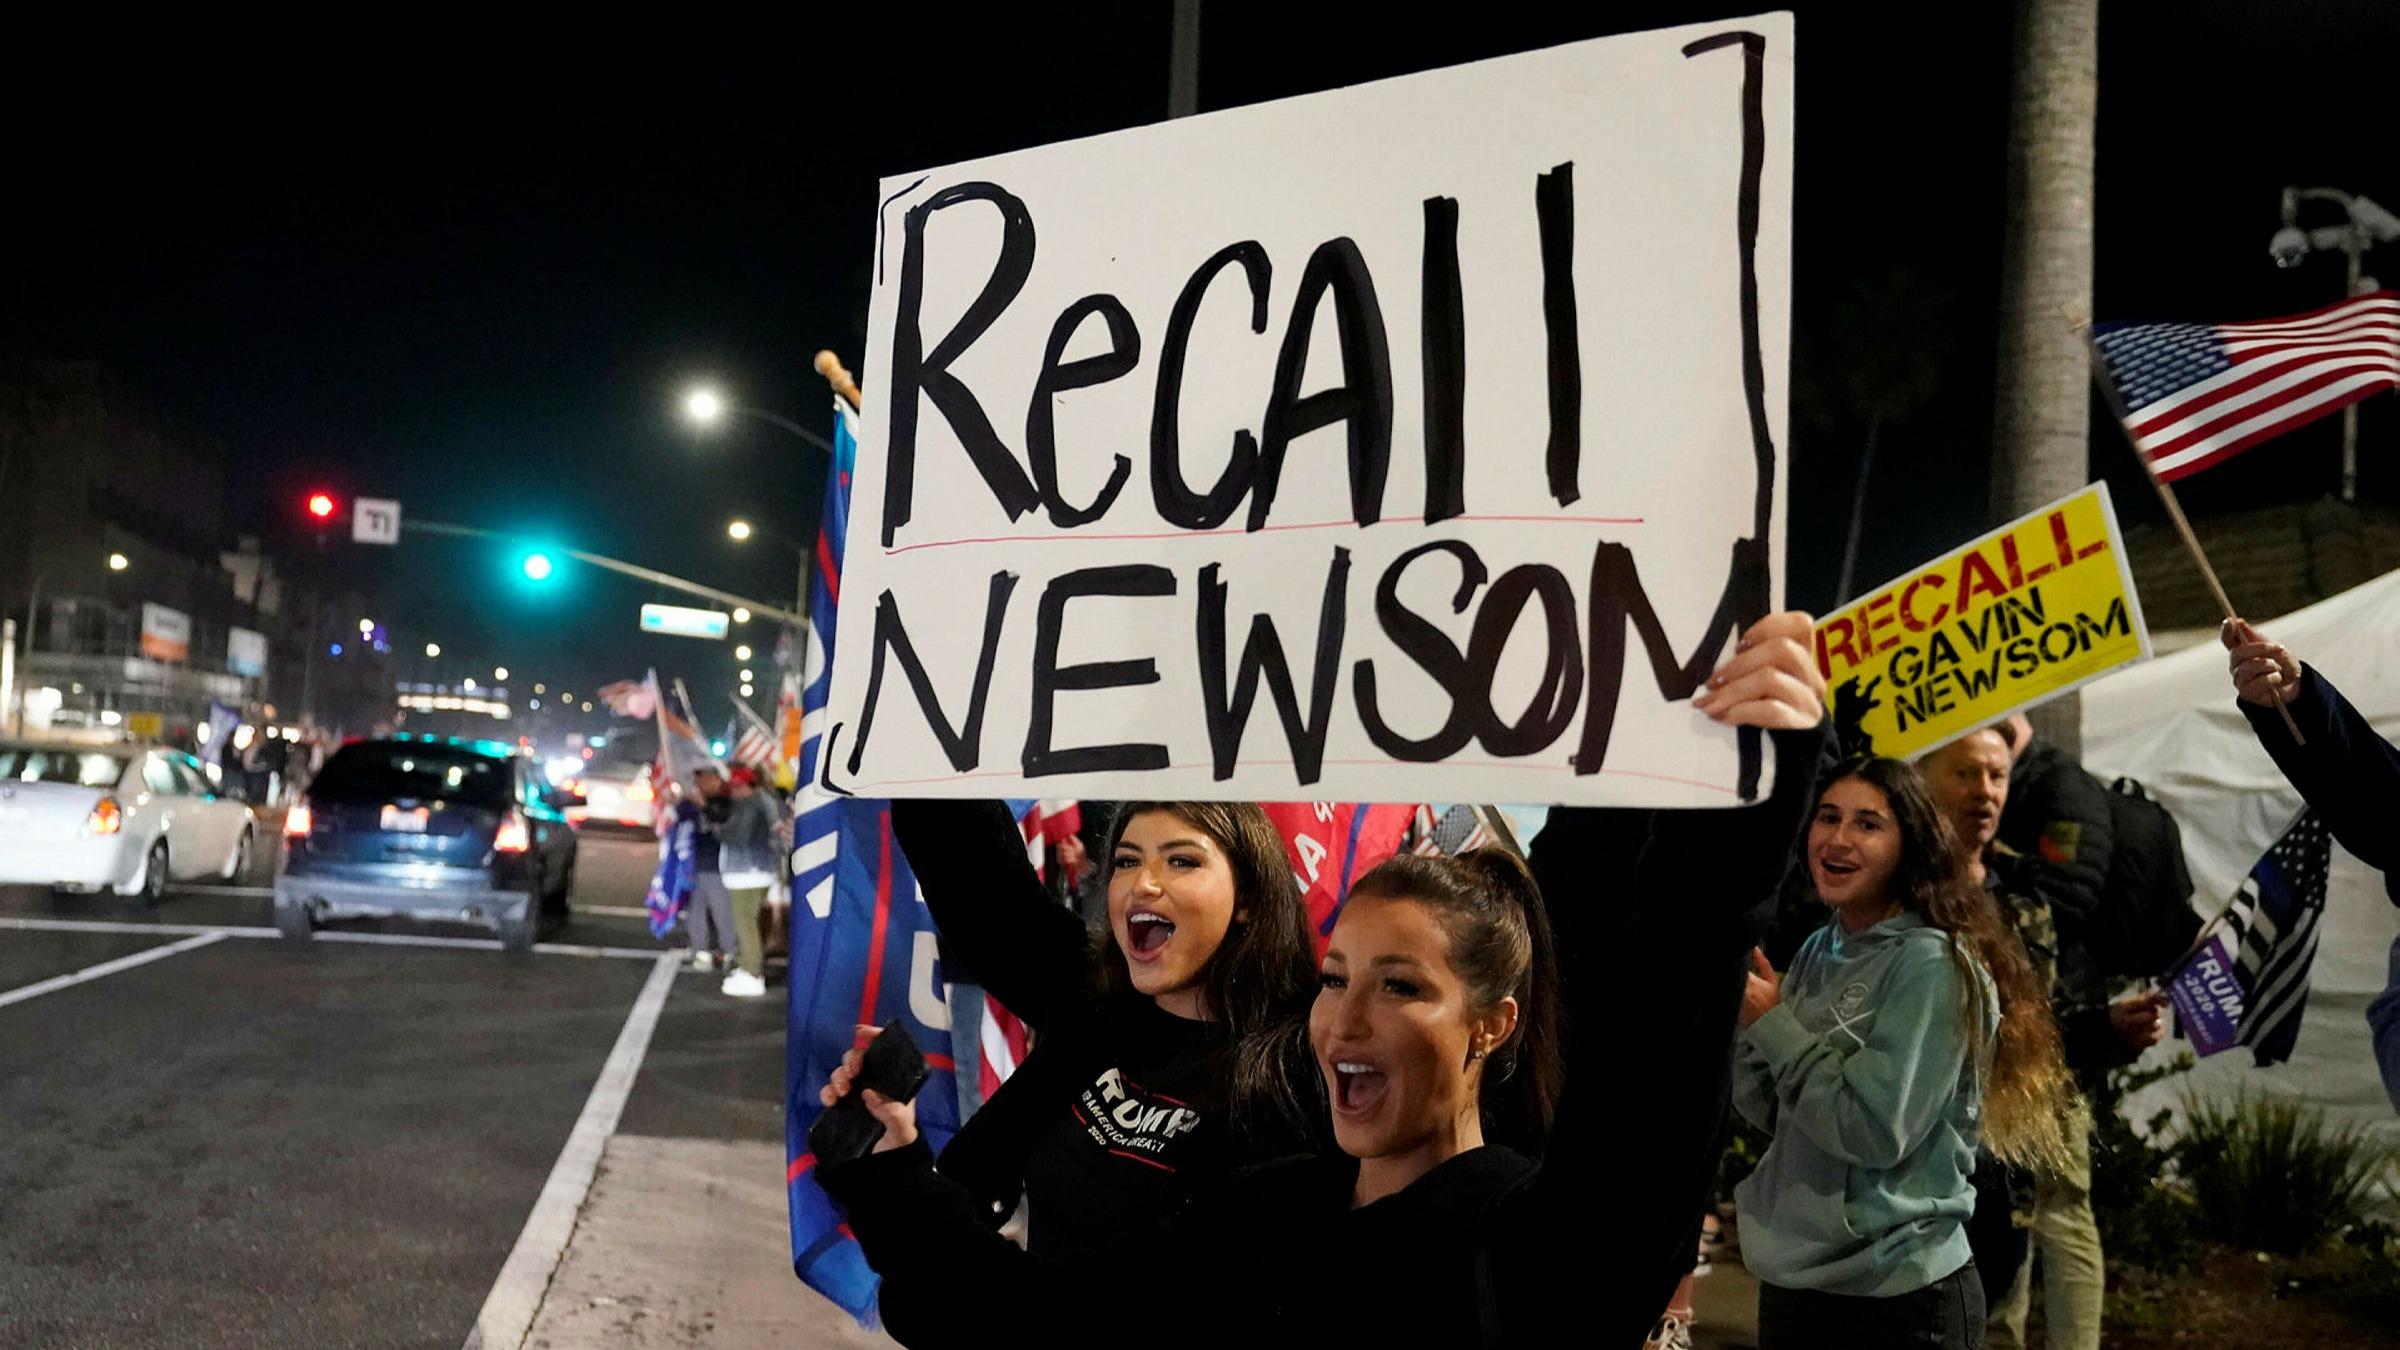 California governor to face recall election | Financial Times